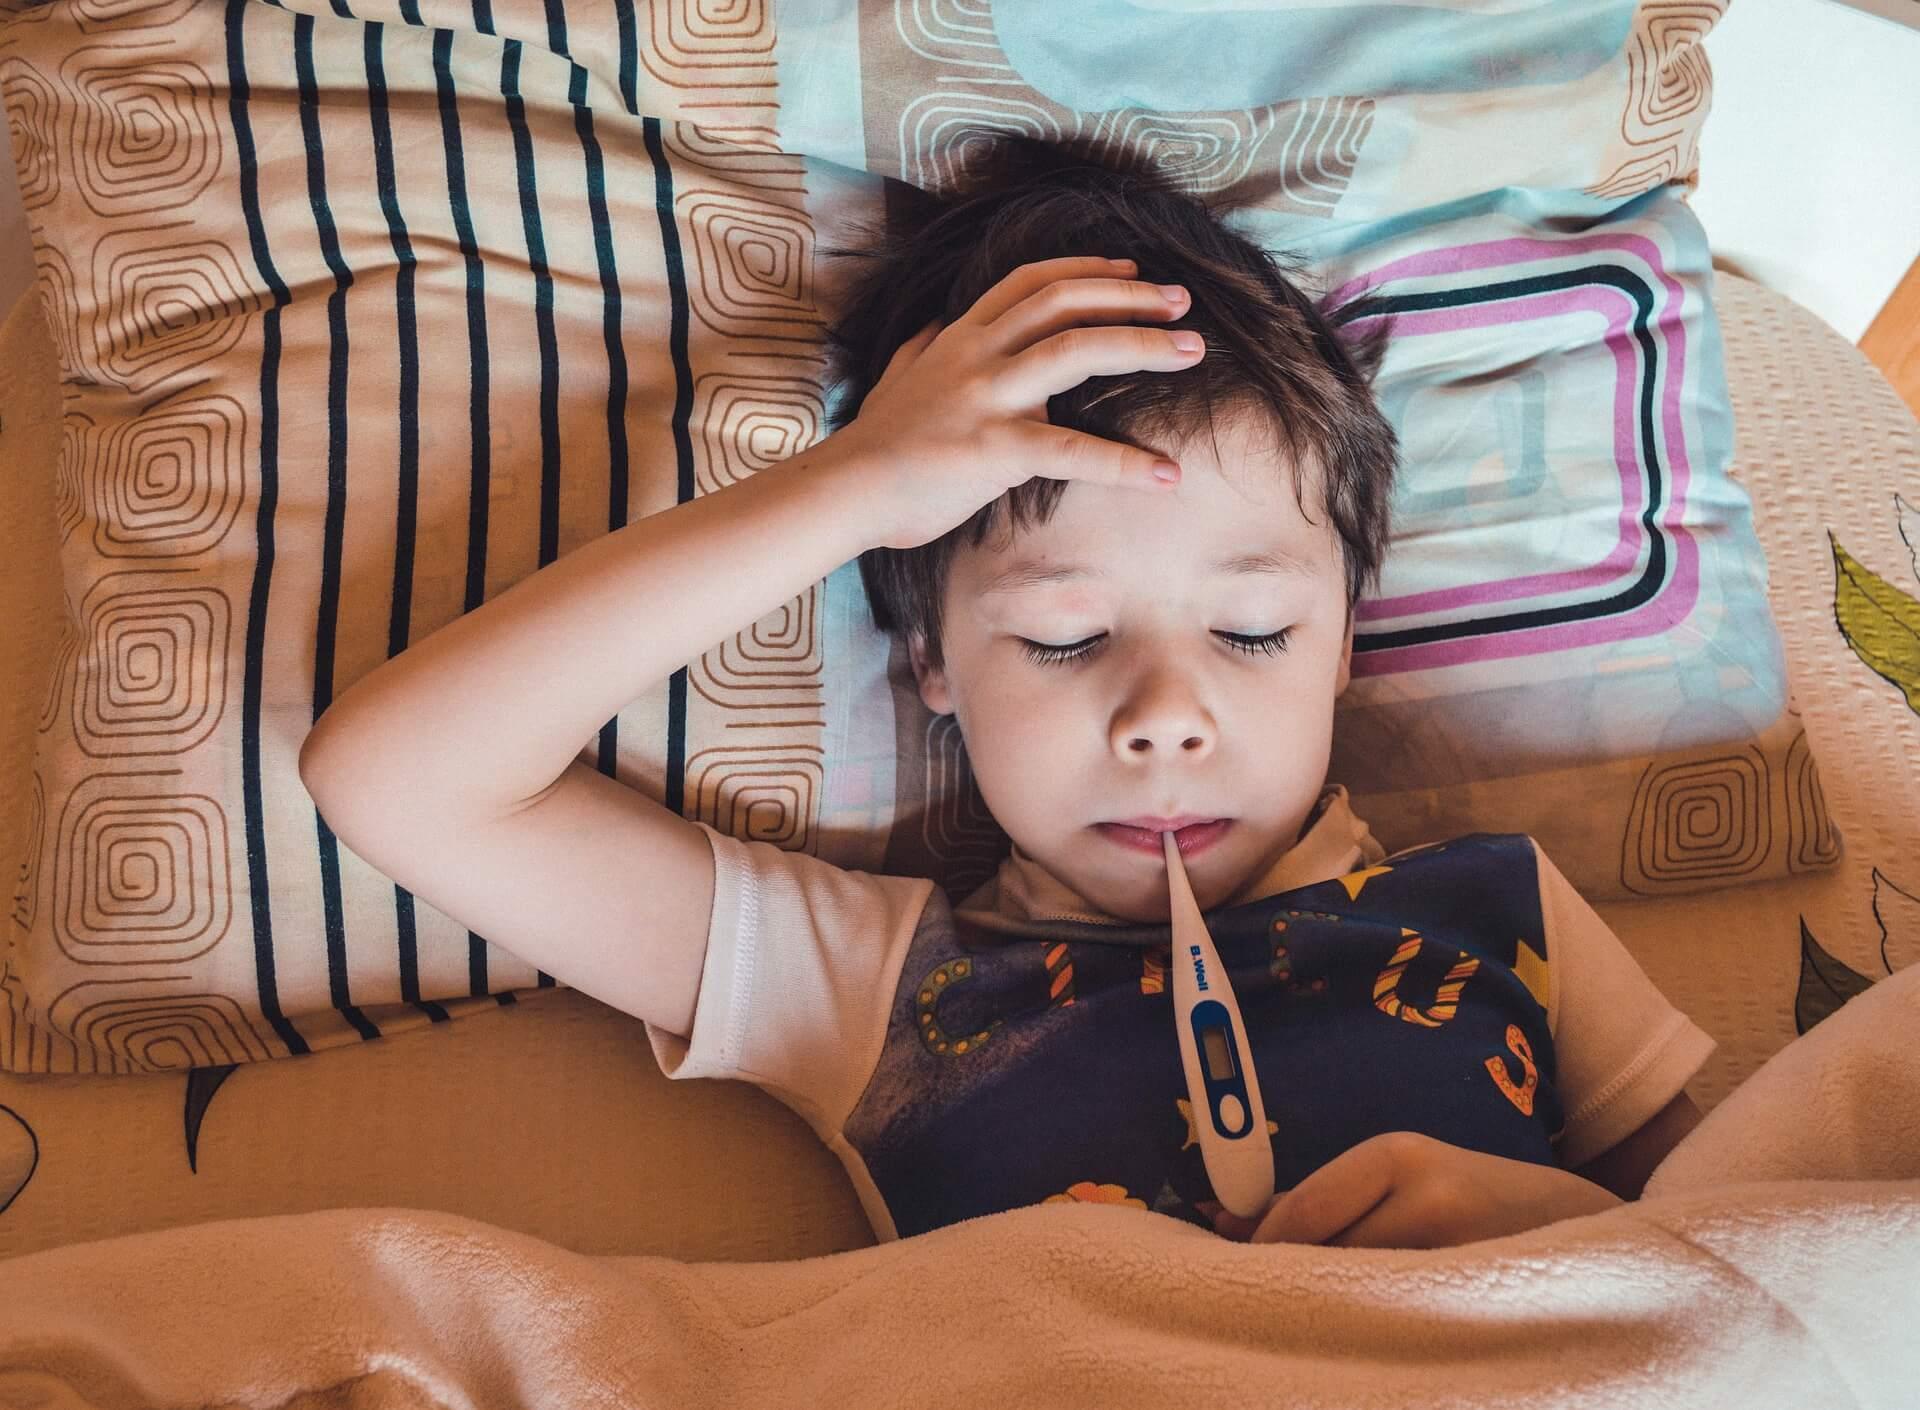 Bolestan dječak u krevetu s toplomjerom u ustima